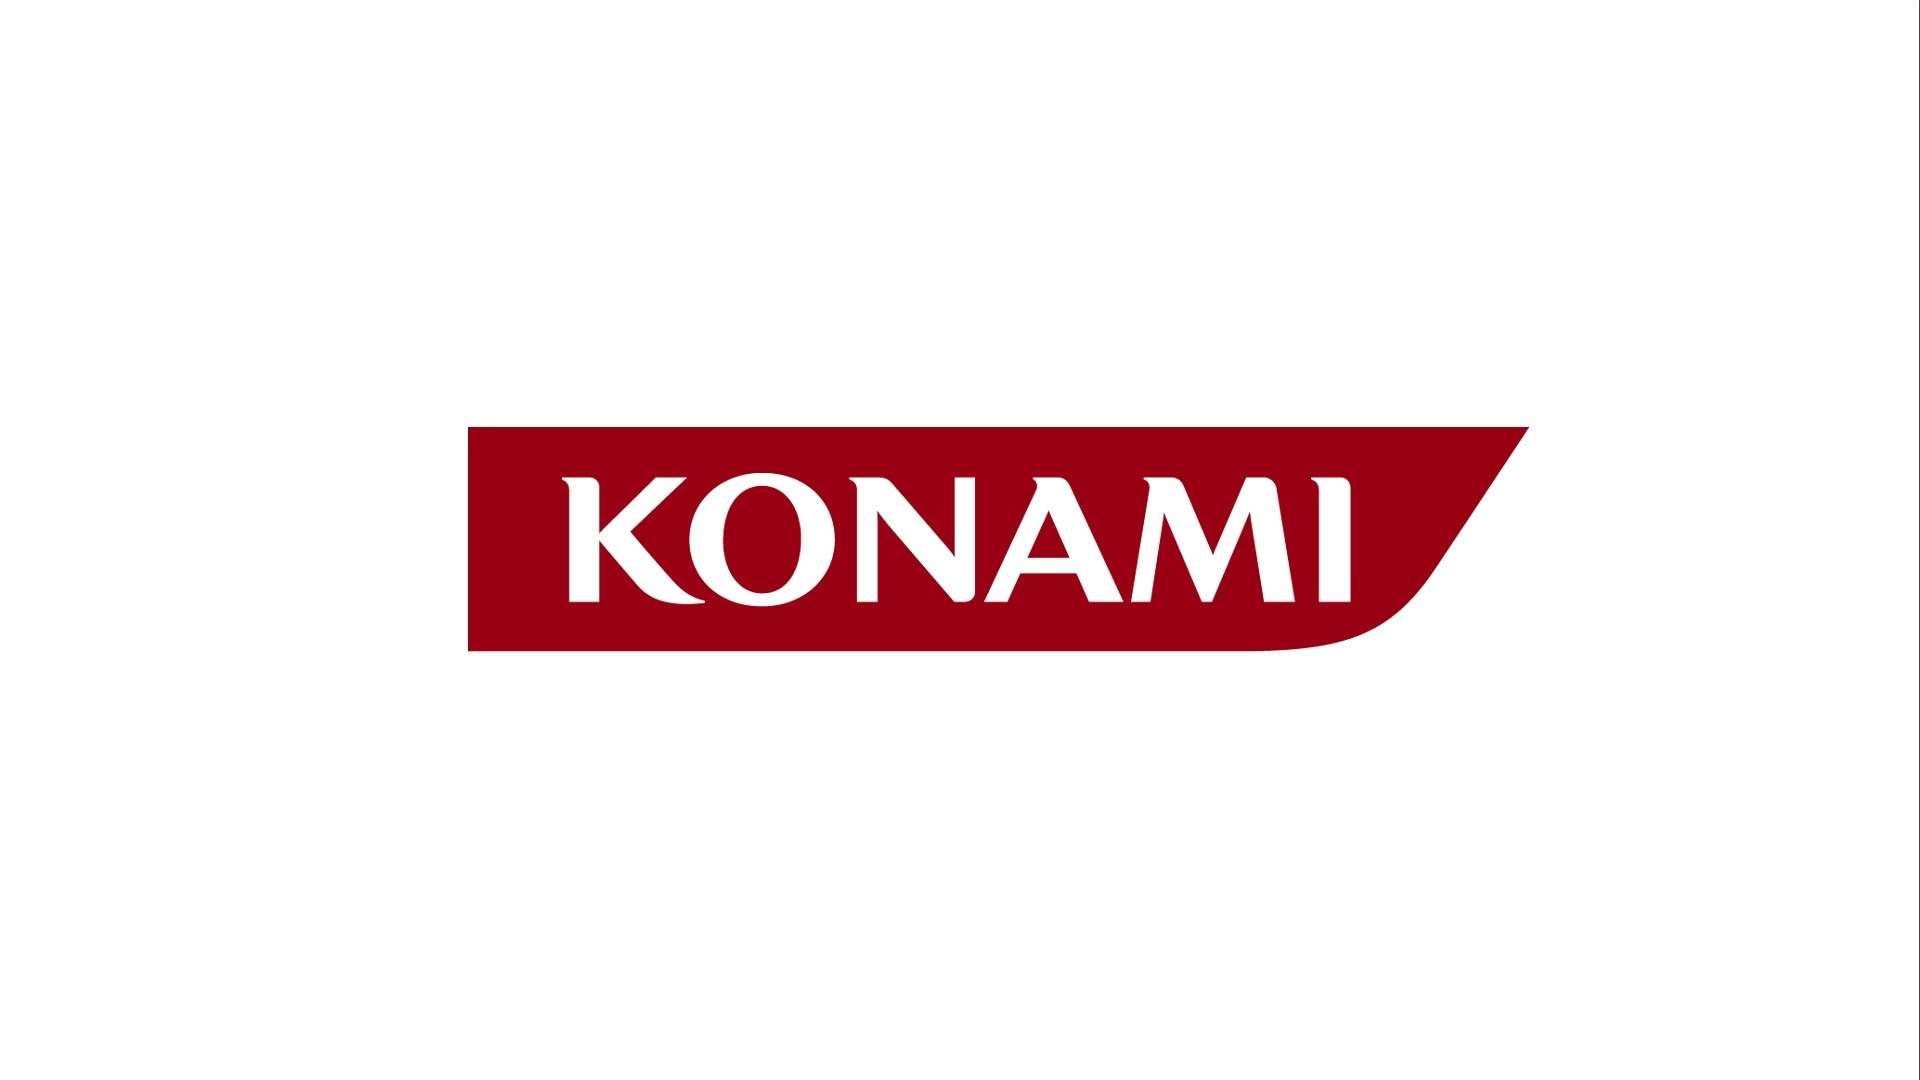 a73027901f88055aaa0fd1a9e25d36c7 - تؤكد شركة Konami أنها لا تزال تصنع الألعاب، ولن تبيع عناوينها المحبوبة